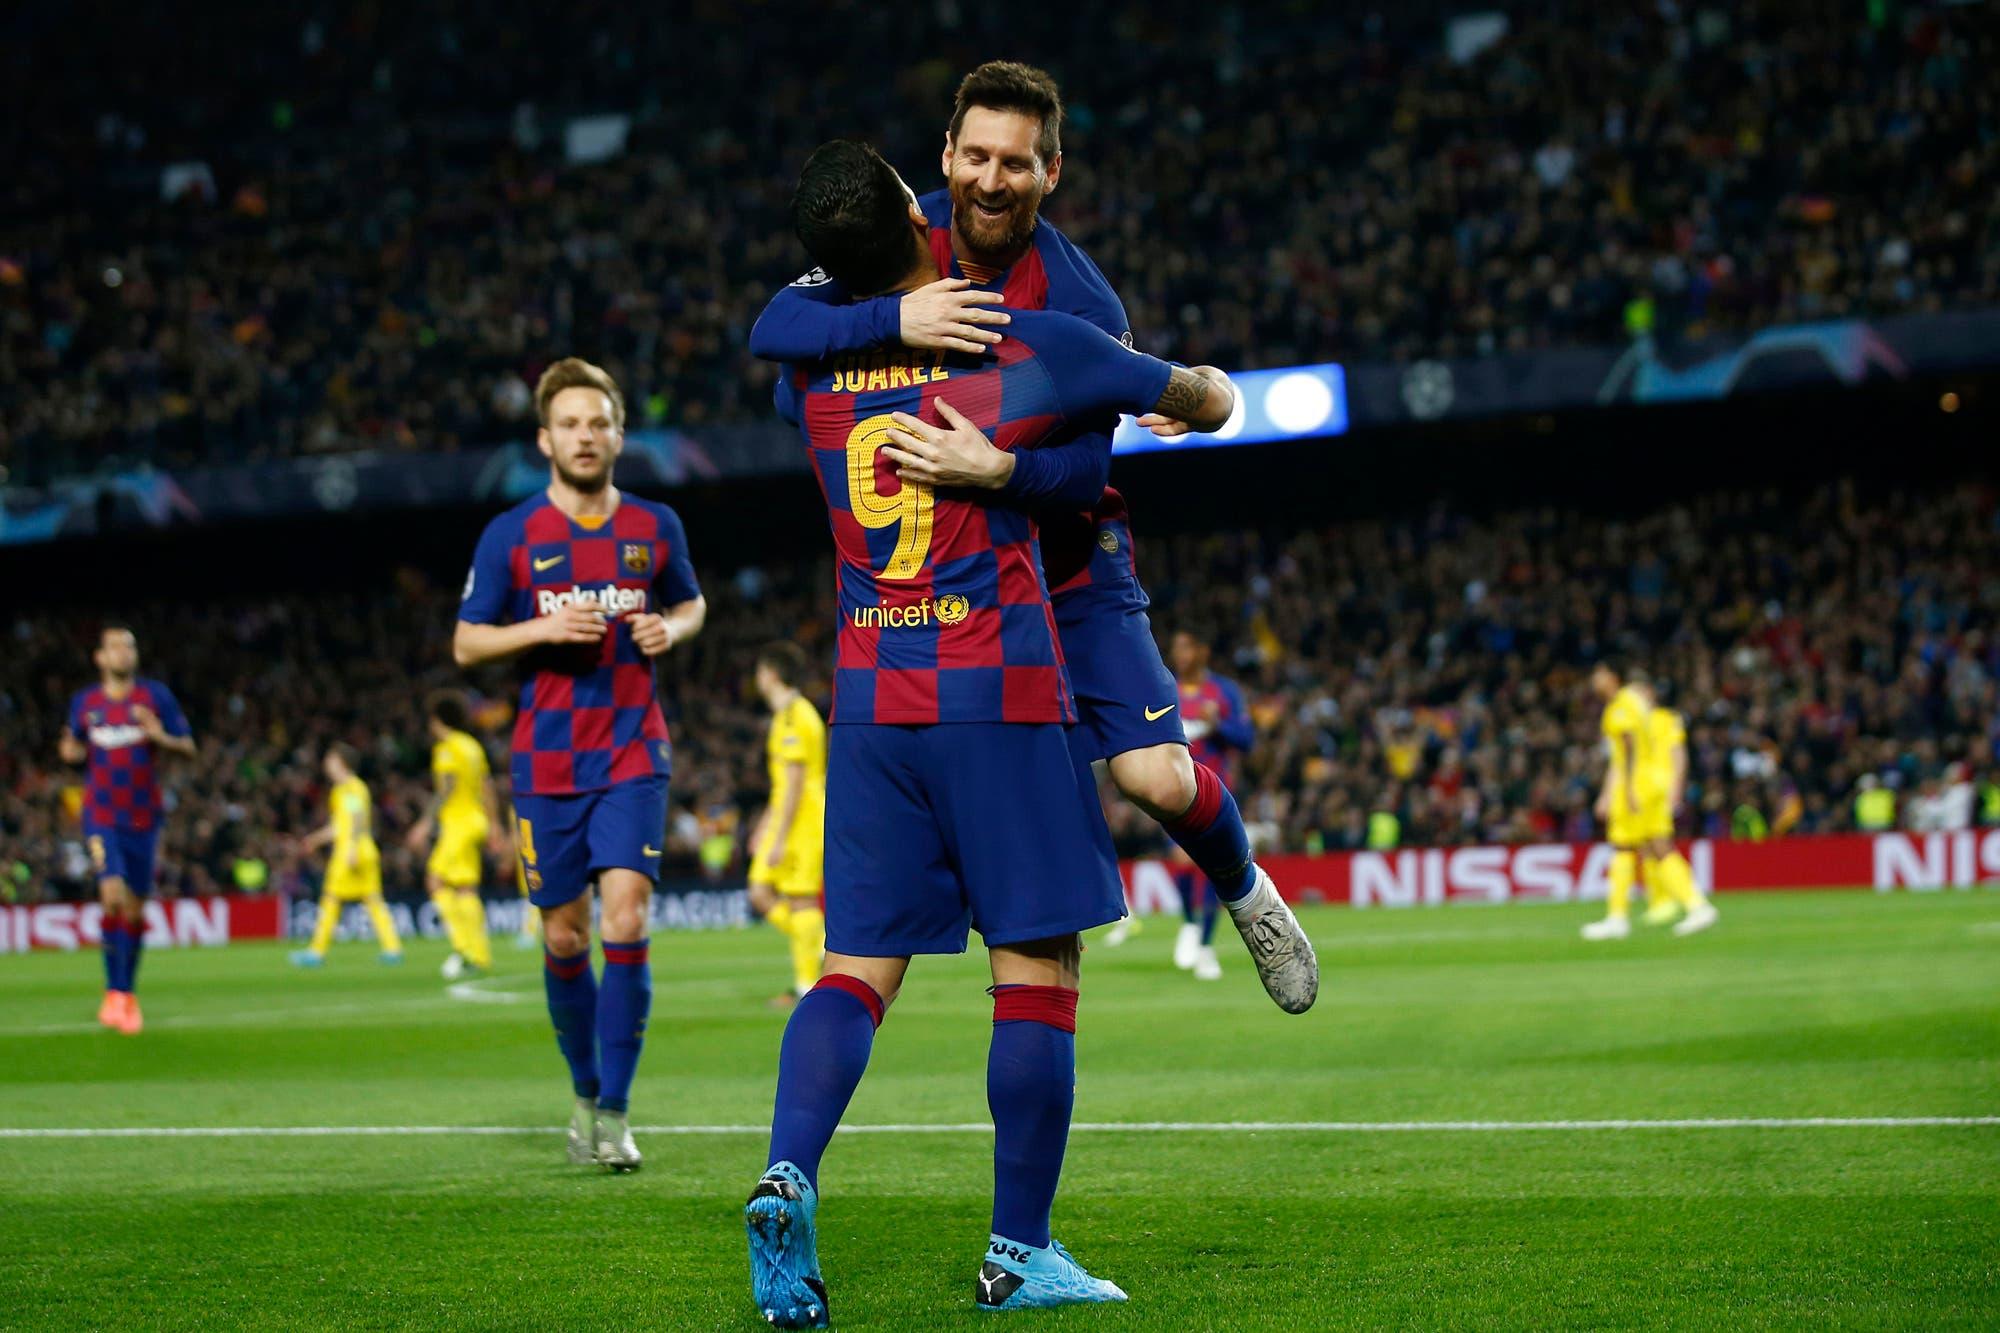 Champions League. Un gol y dos asistencias de Messi en el triunfo y clasificación de Barcelona ante Borussia Dortmund